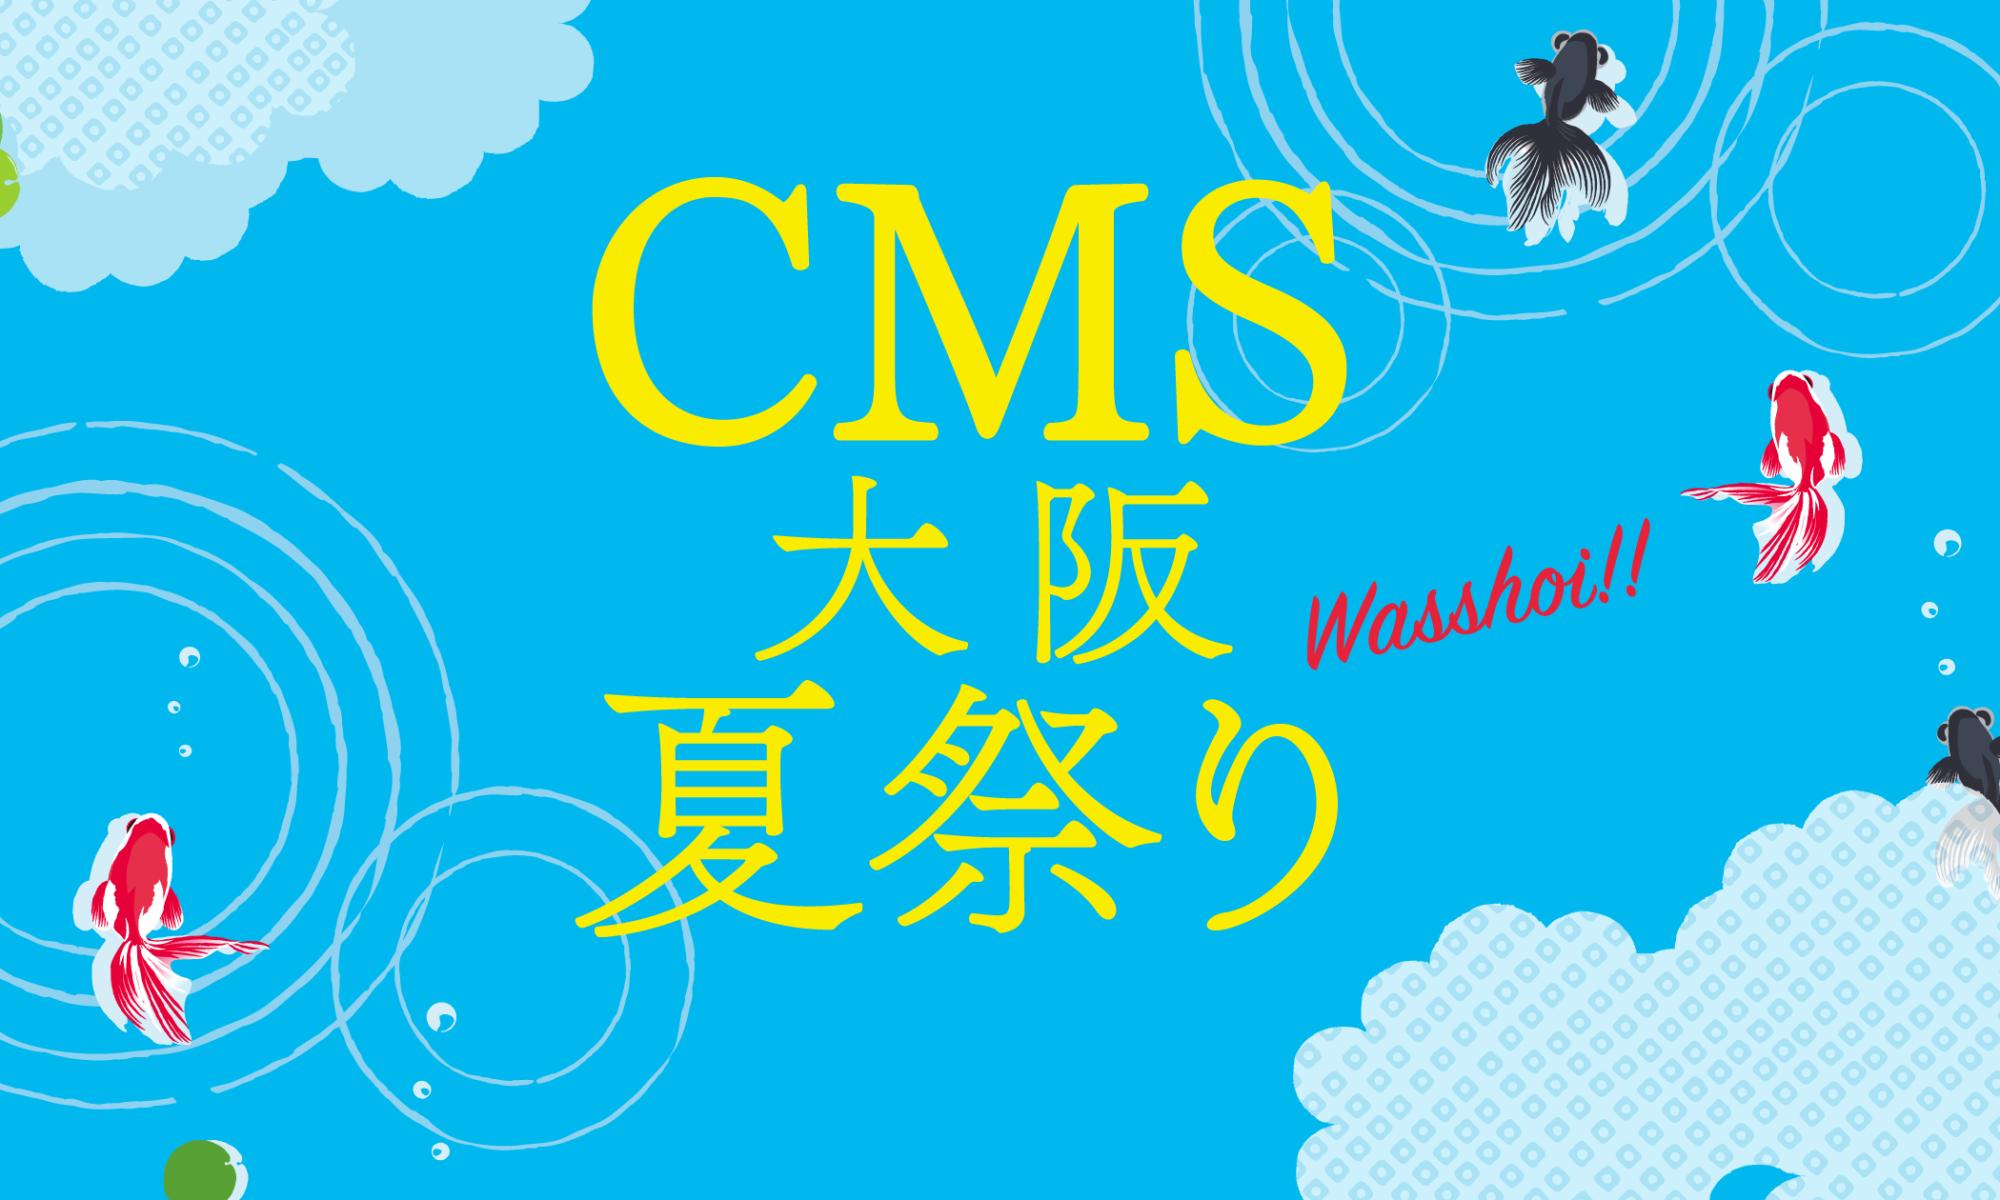 cms-fes.info